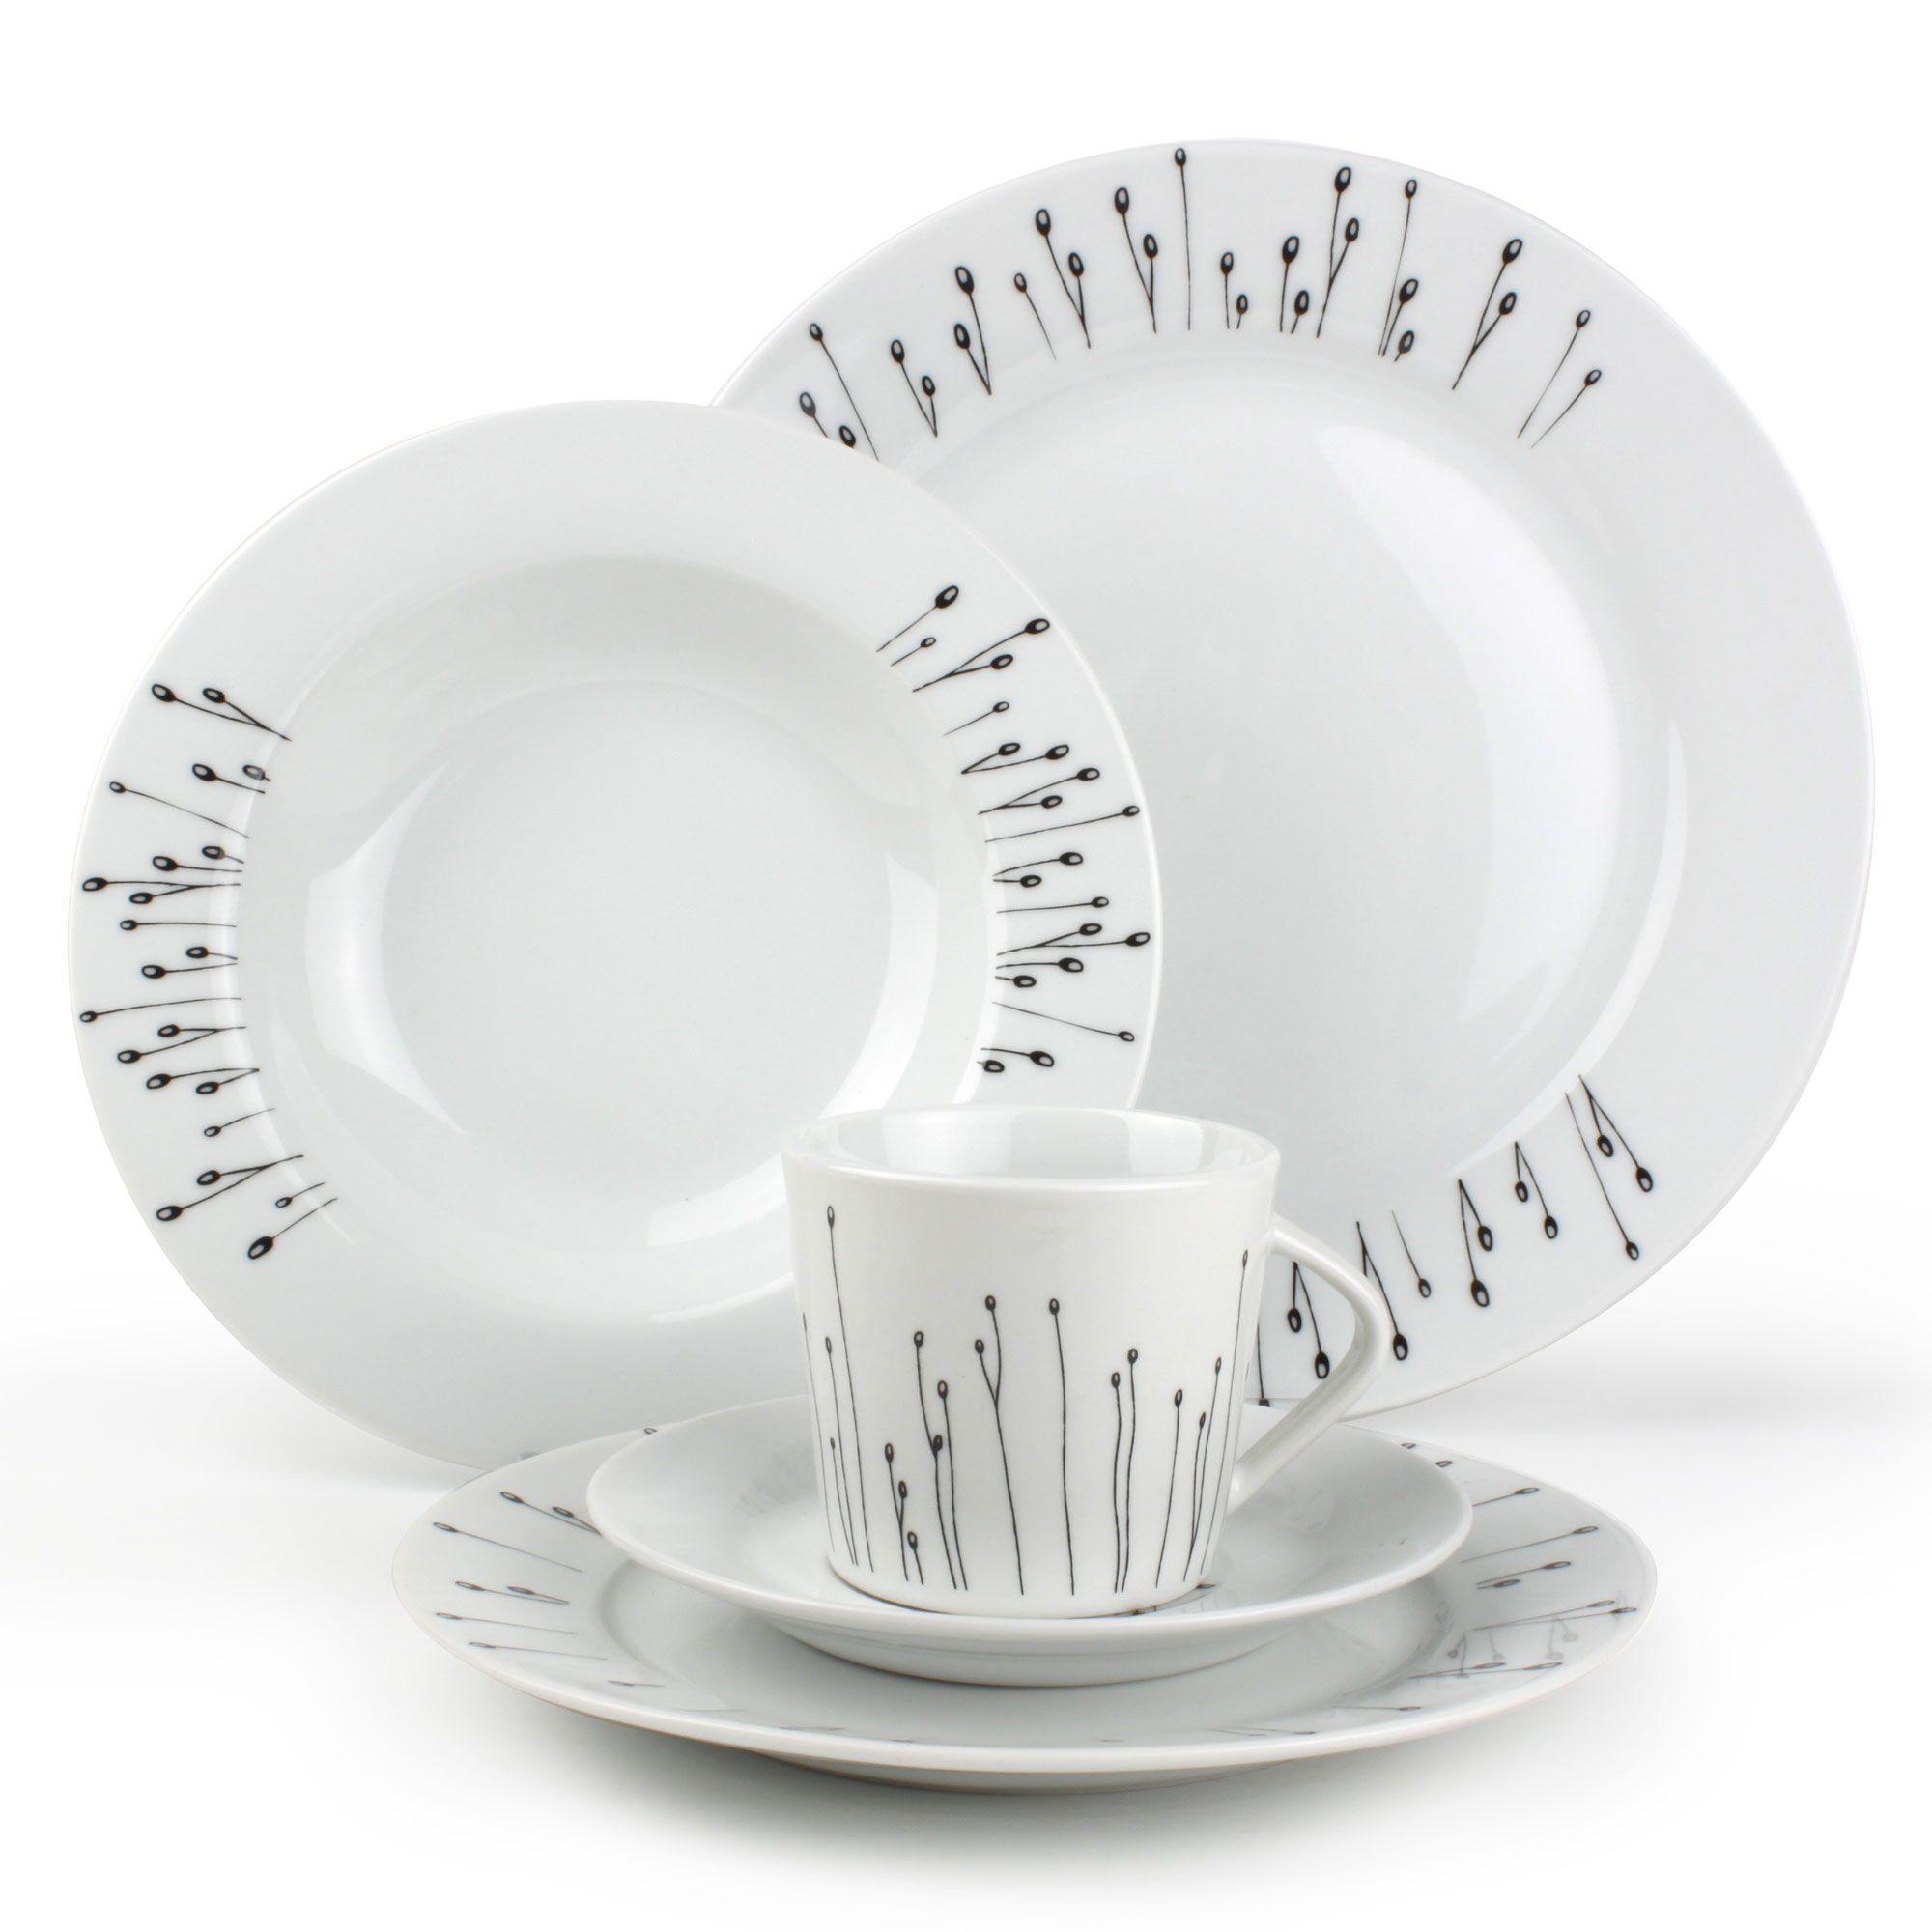 Service de table noir et blanc   Maison bois legallo aad6d2245364